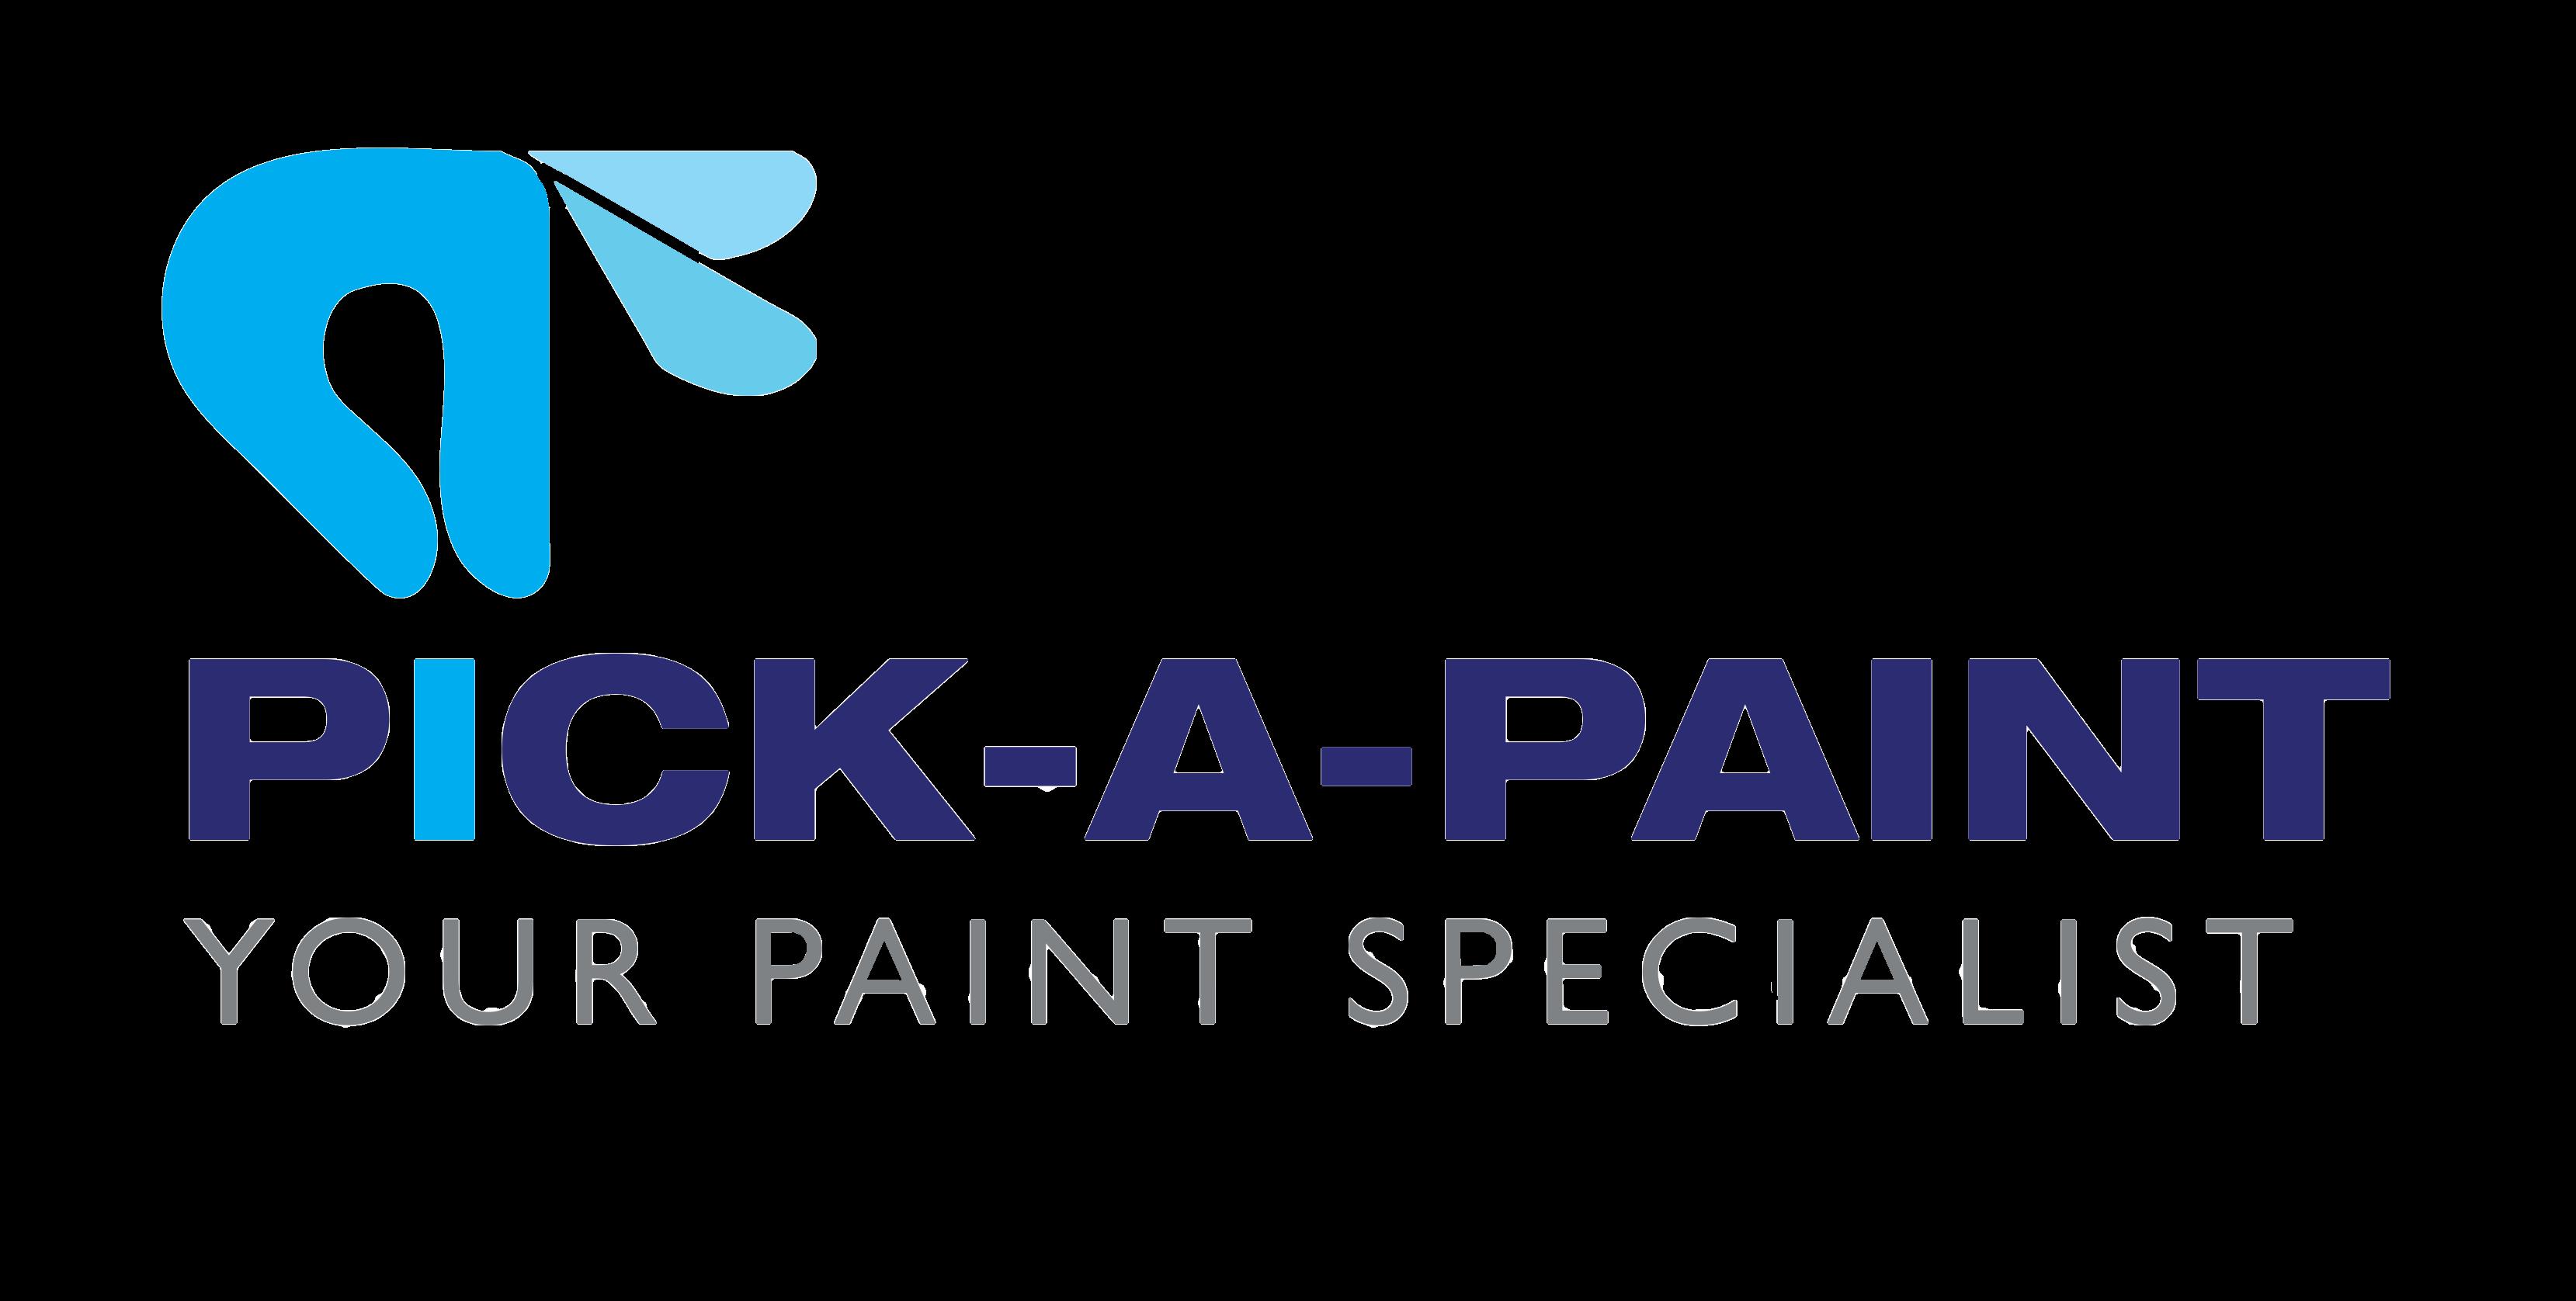 Pick a Paint